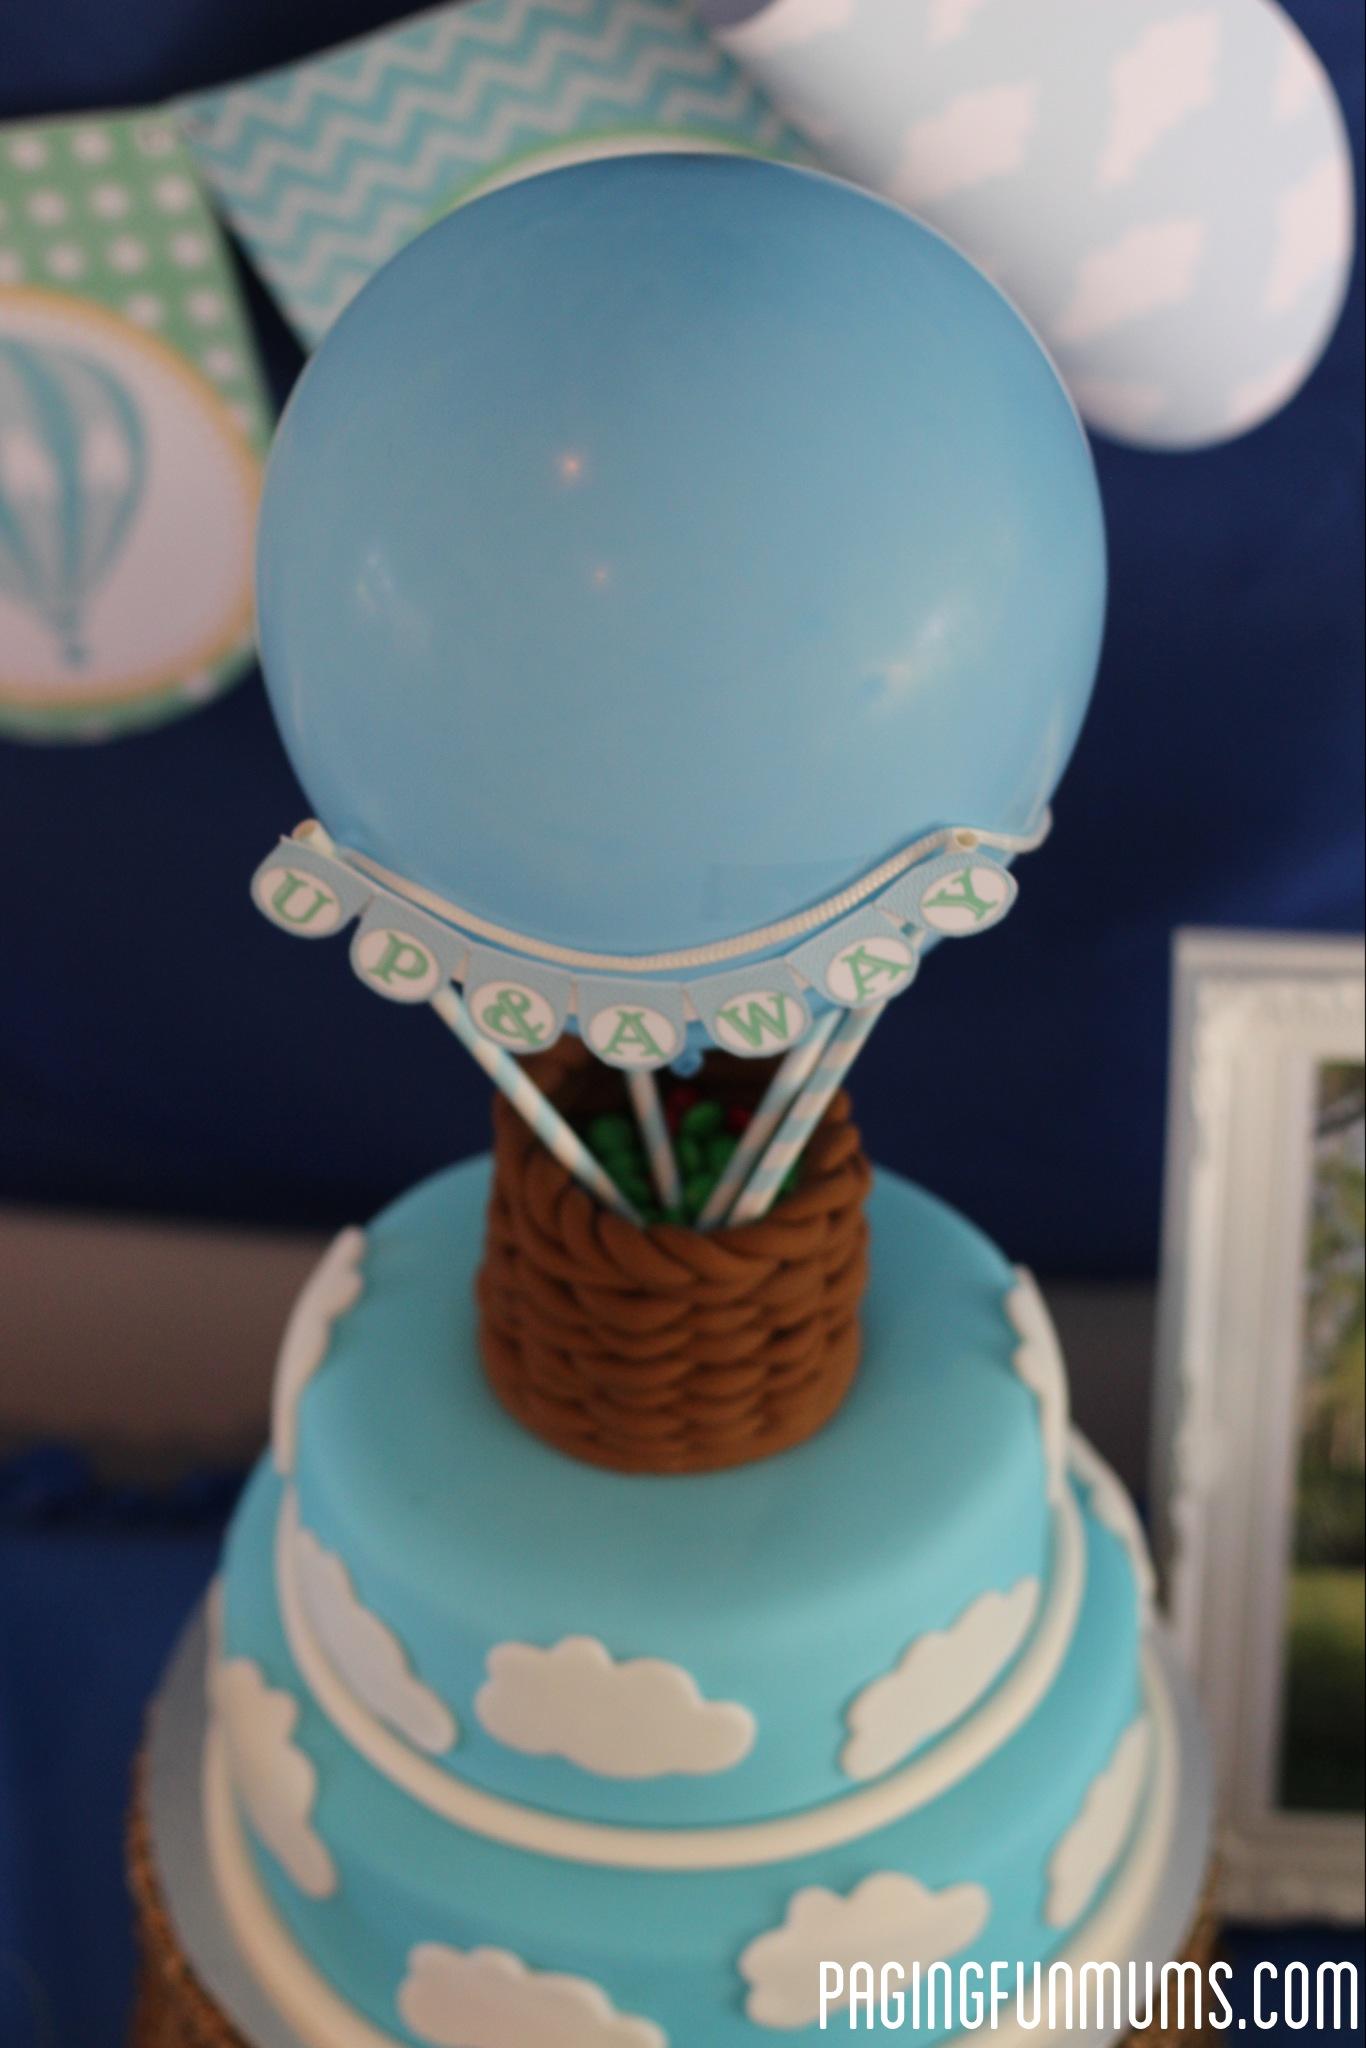 Hot Air Balloon Cake - (Louise) - Paging Fun Mums